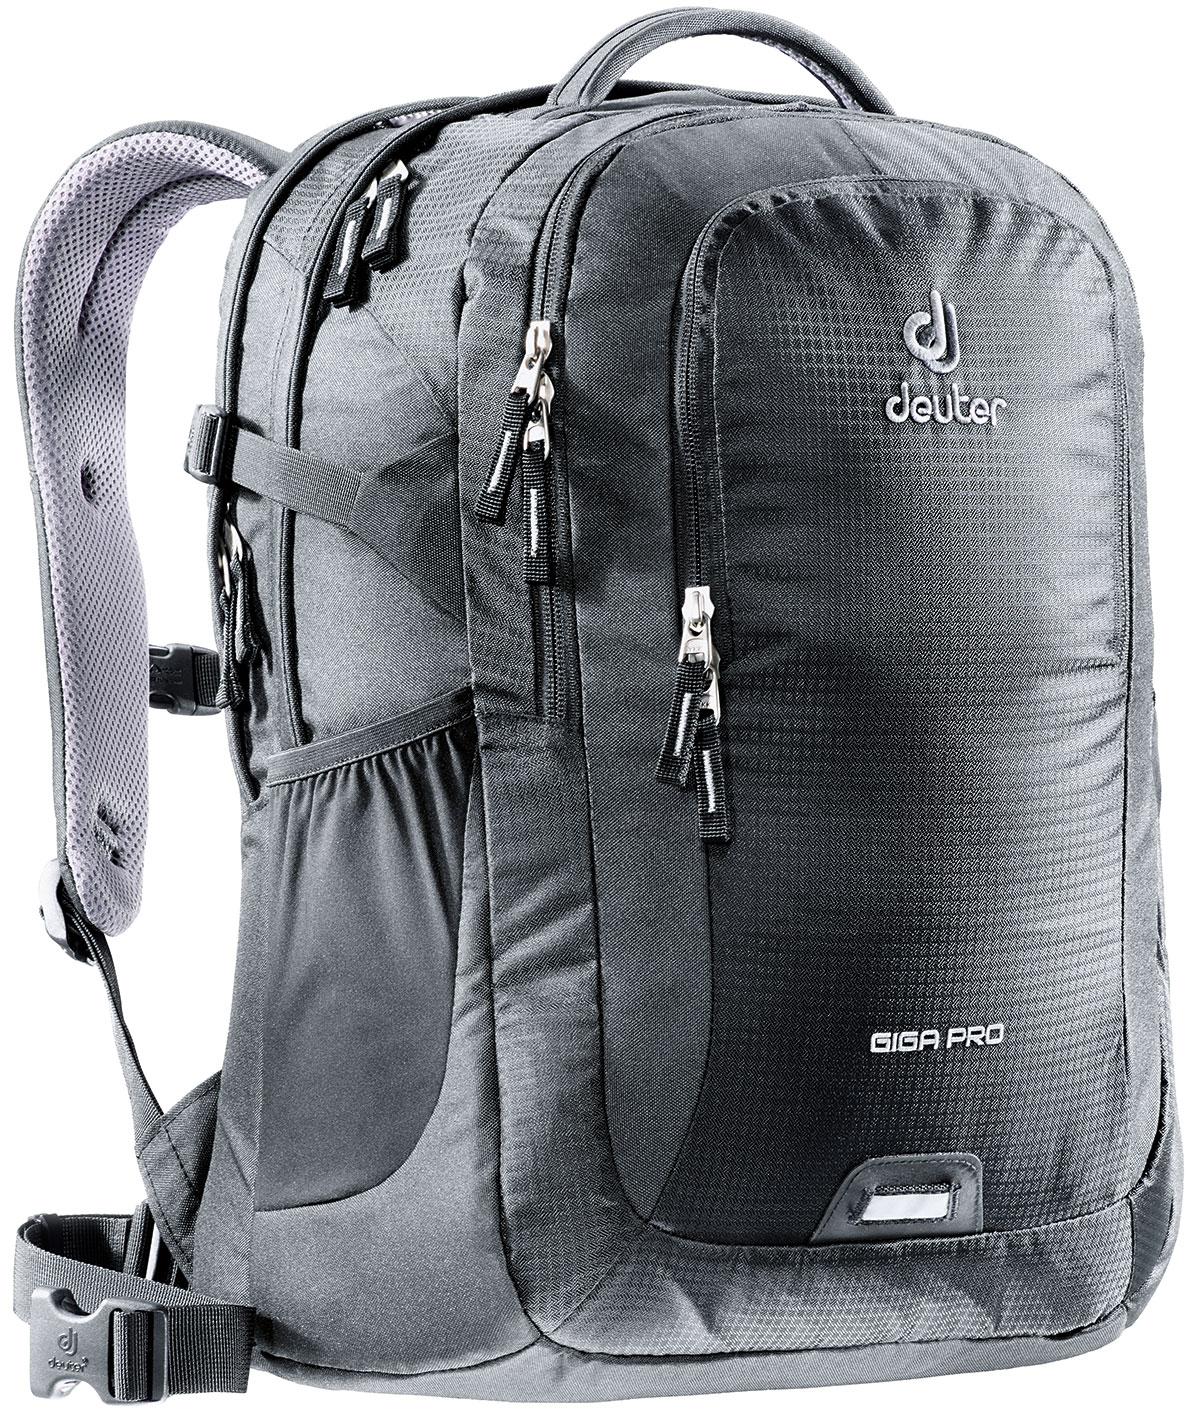 Deuter Giga Pro black-30